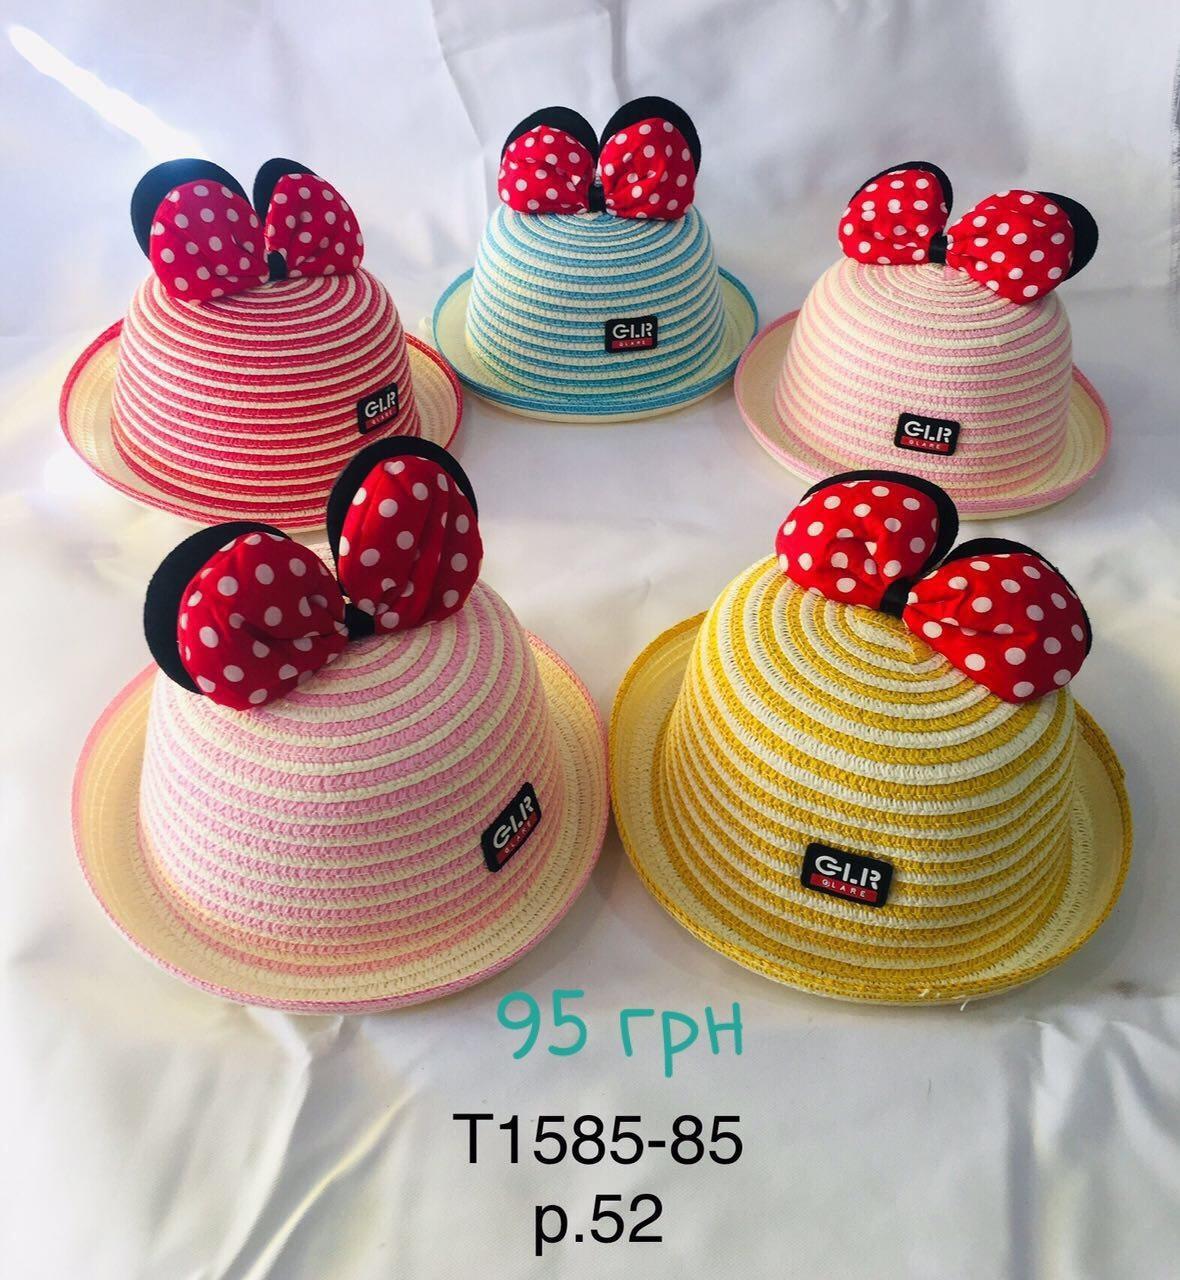 Панамка для девочки Minnie Mouse,р.52,коттон